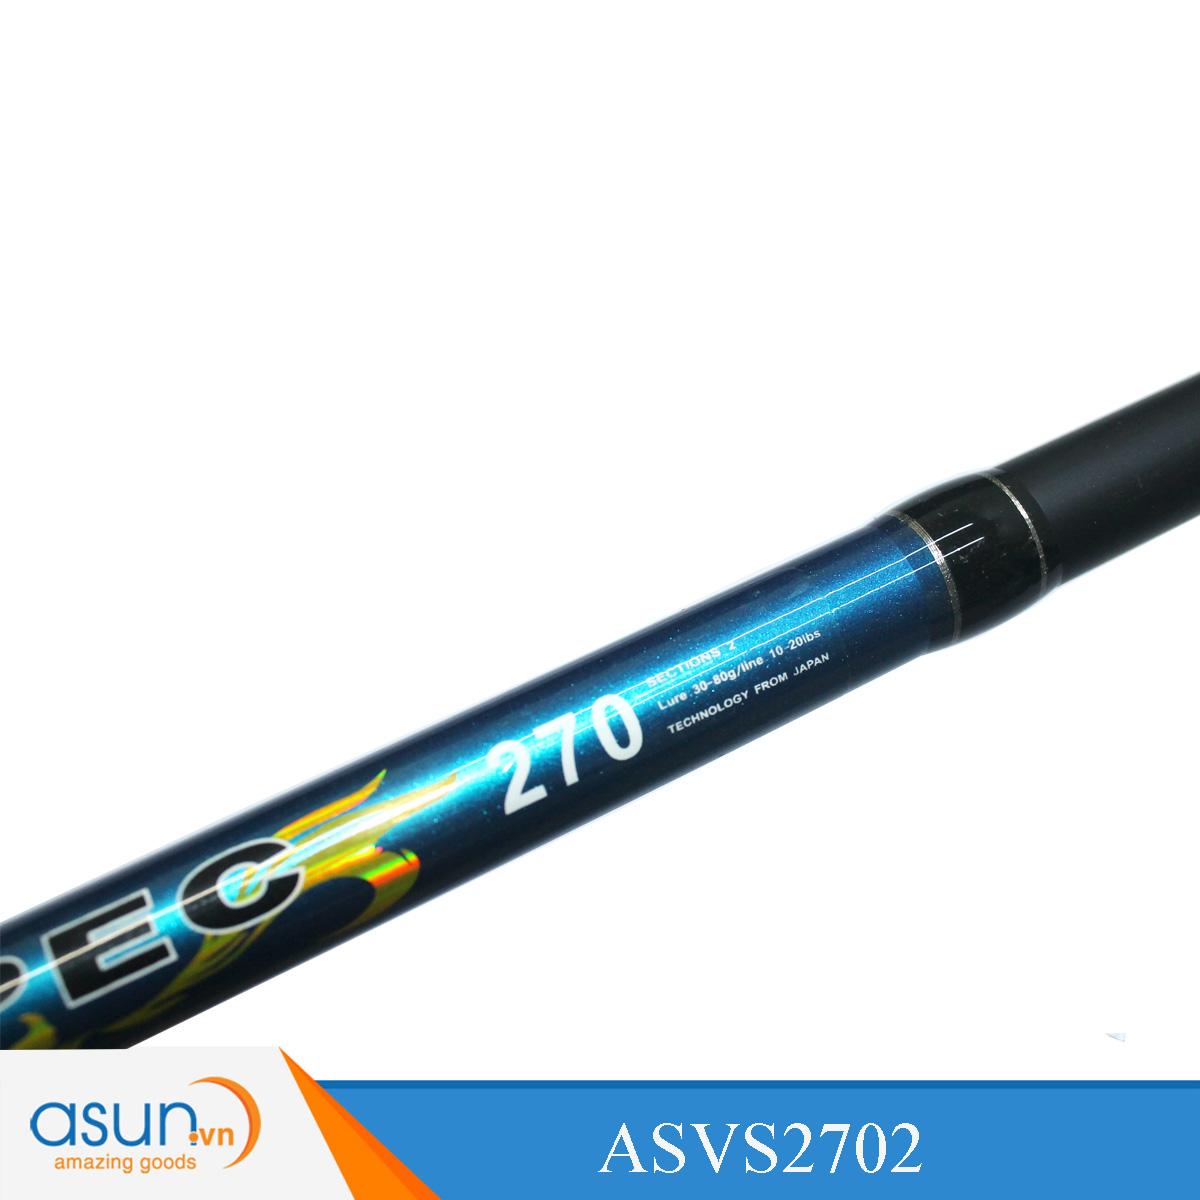 Bộ Combo Cần Câu Ashino VSpec 2m7 Máy Câu HN3000 Dây Cước Nhện - Chì Kèm Lưỡi